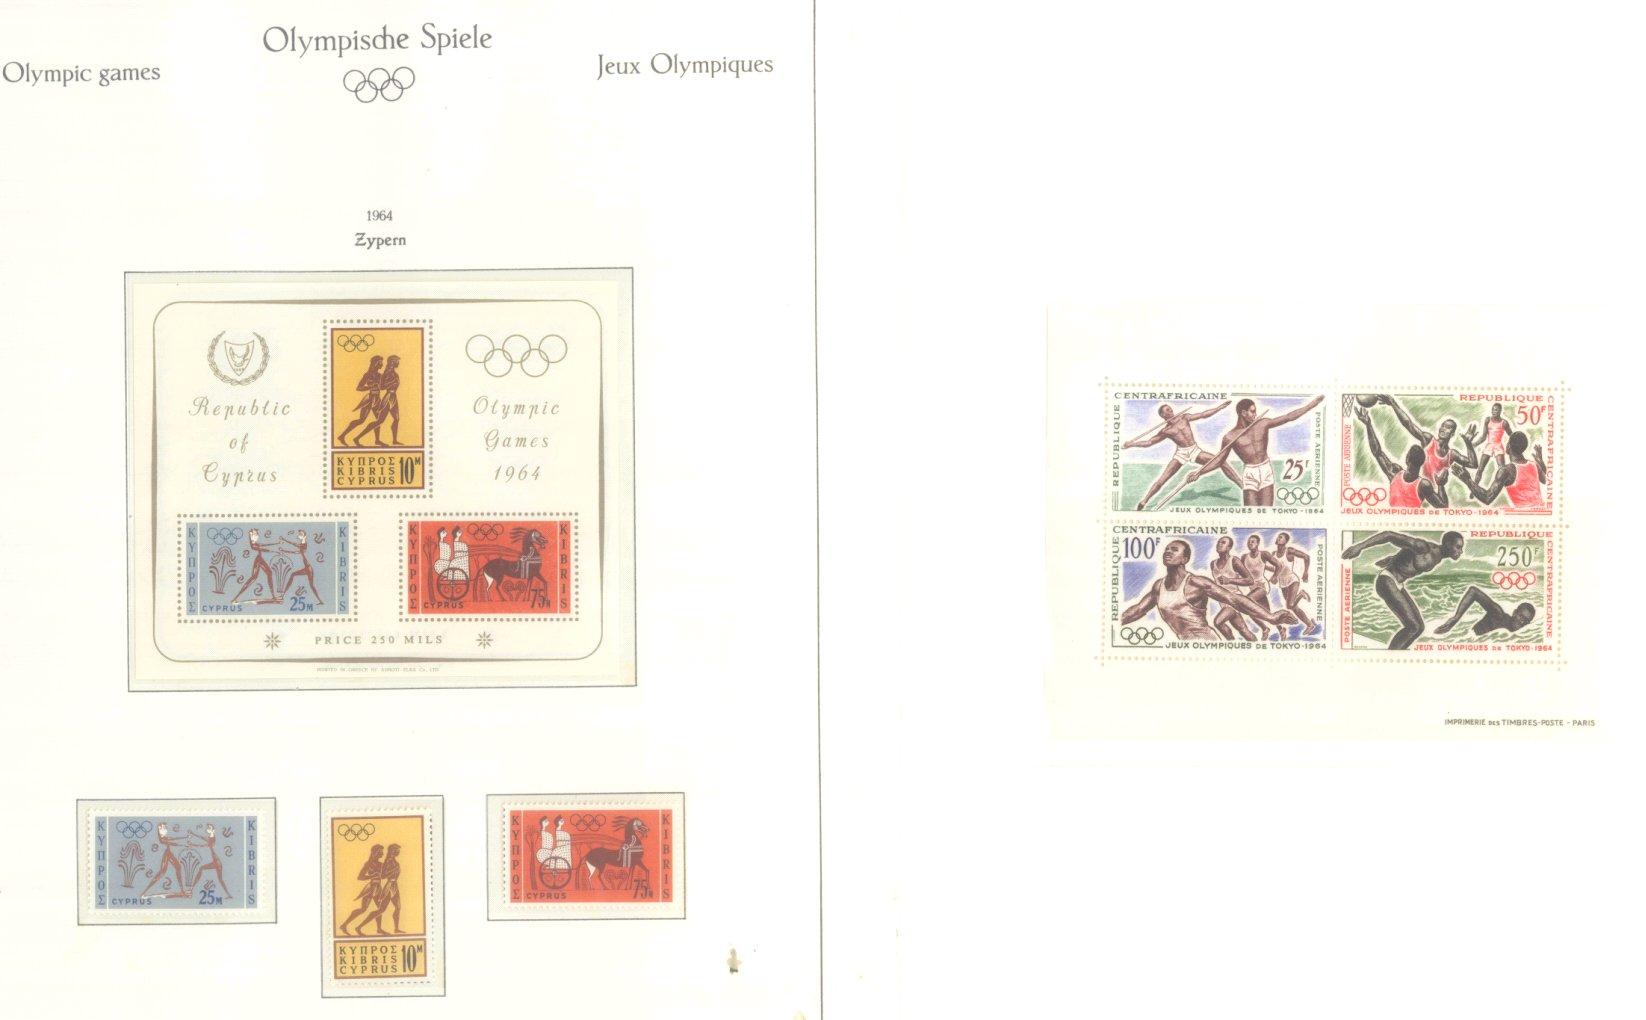 OLYMPISCHE SPIELE 1964 TOKIO, postfrische Sammlung Teil 2-64